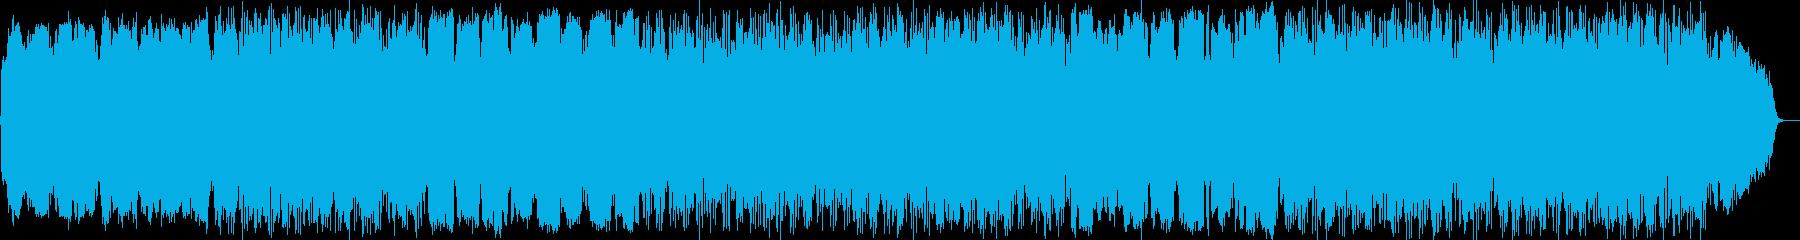 優しい自然、風の音色のヒーリング音楽の再生済みの波形